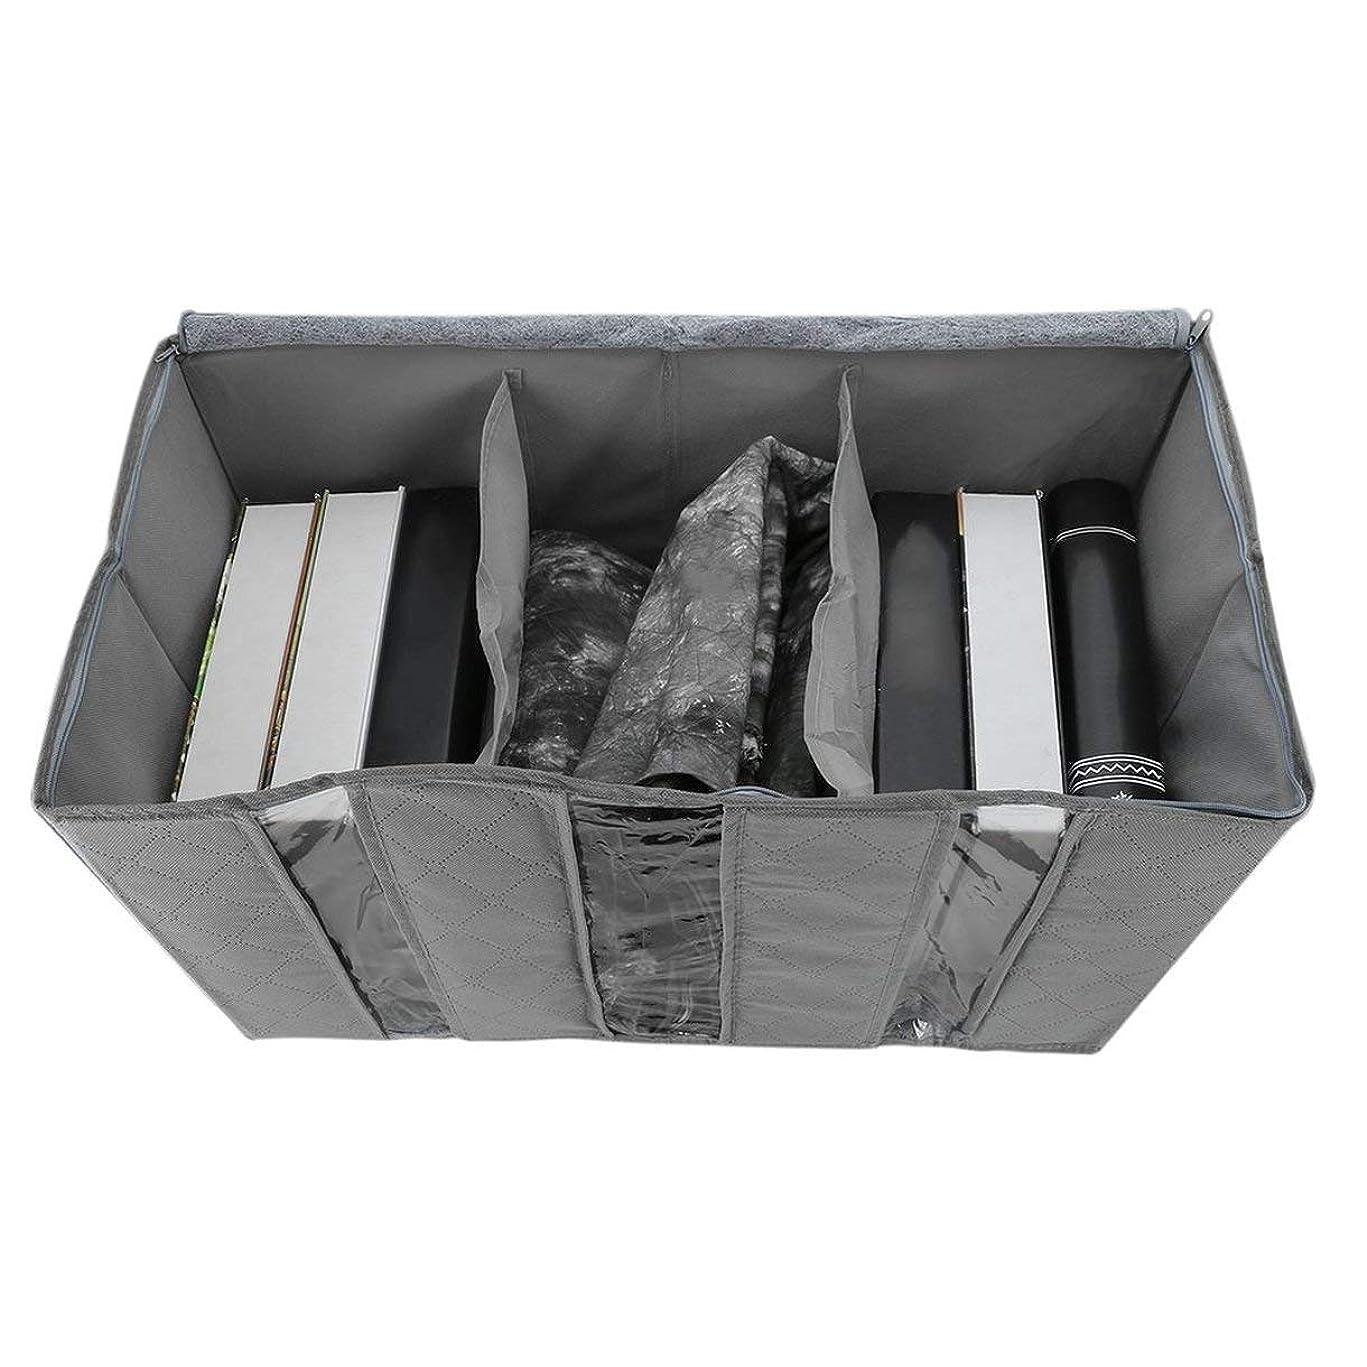 花弁非難揮発性65L収納袋ポータブルオーガナイザー不織布アンダーベッドポーチ竹服分類バッグ大容量家庭用品